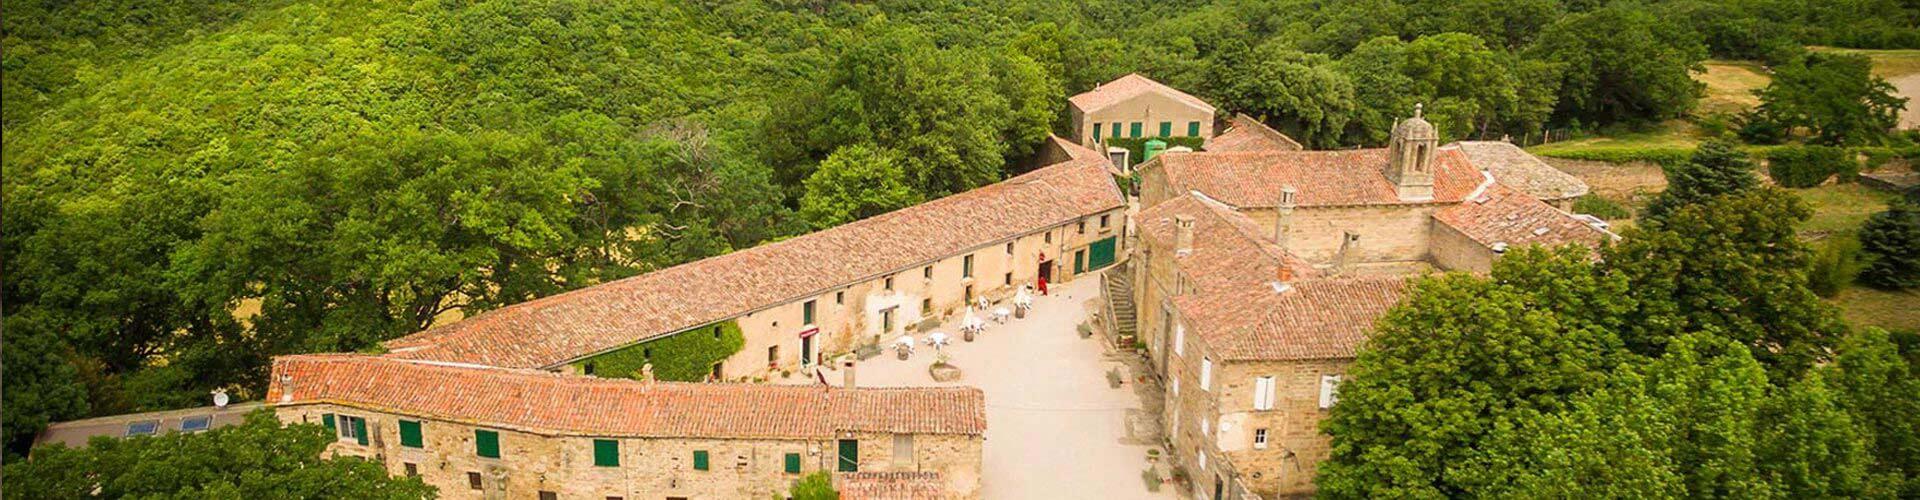 Le Prieuré Saint Michel de Grandmont Hérault